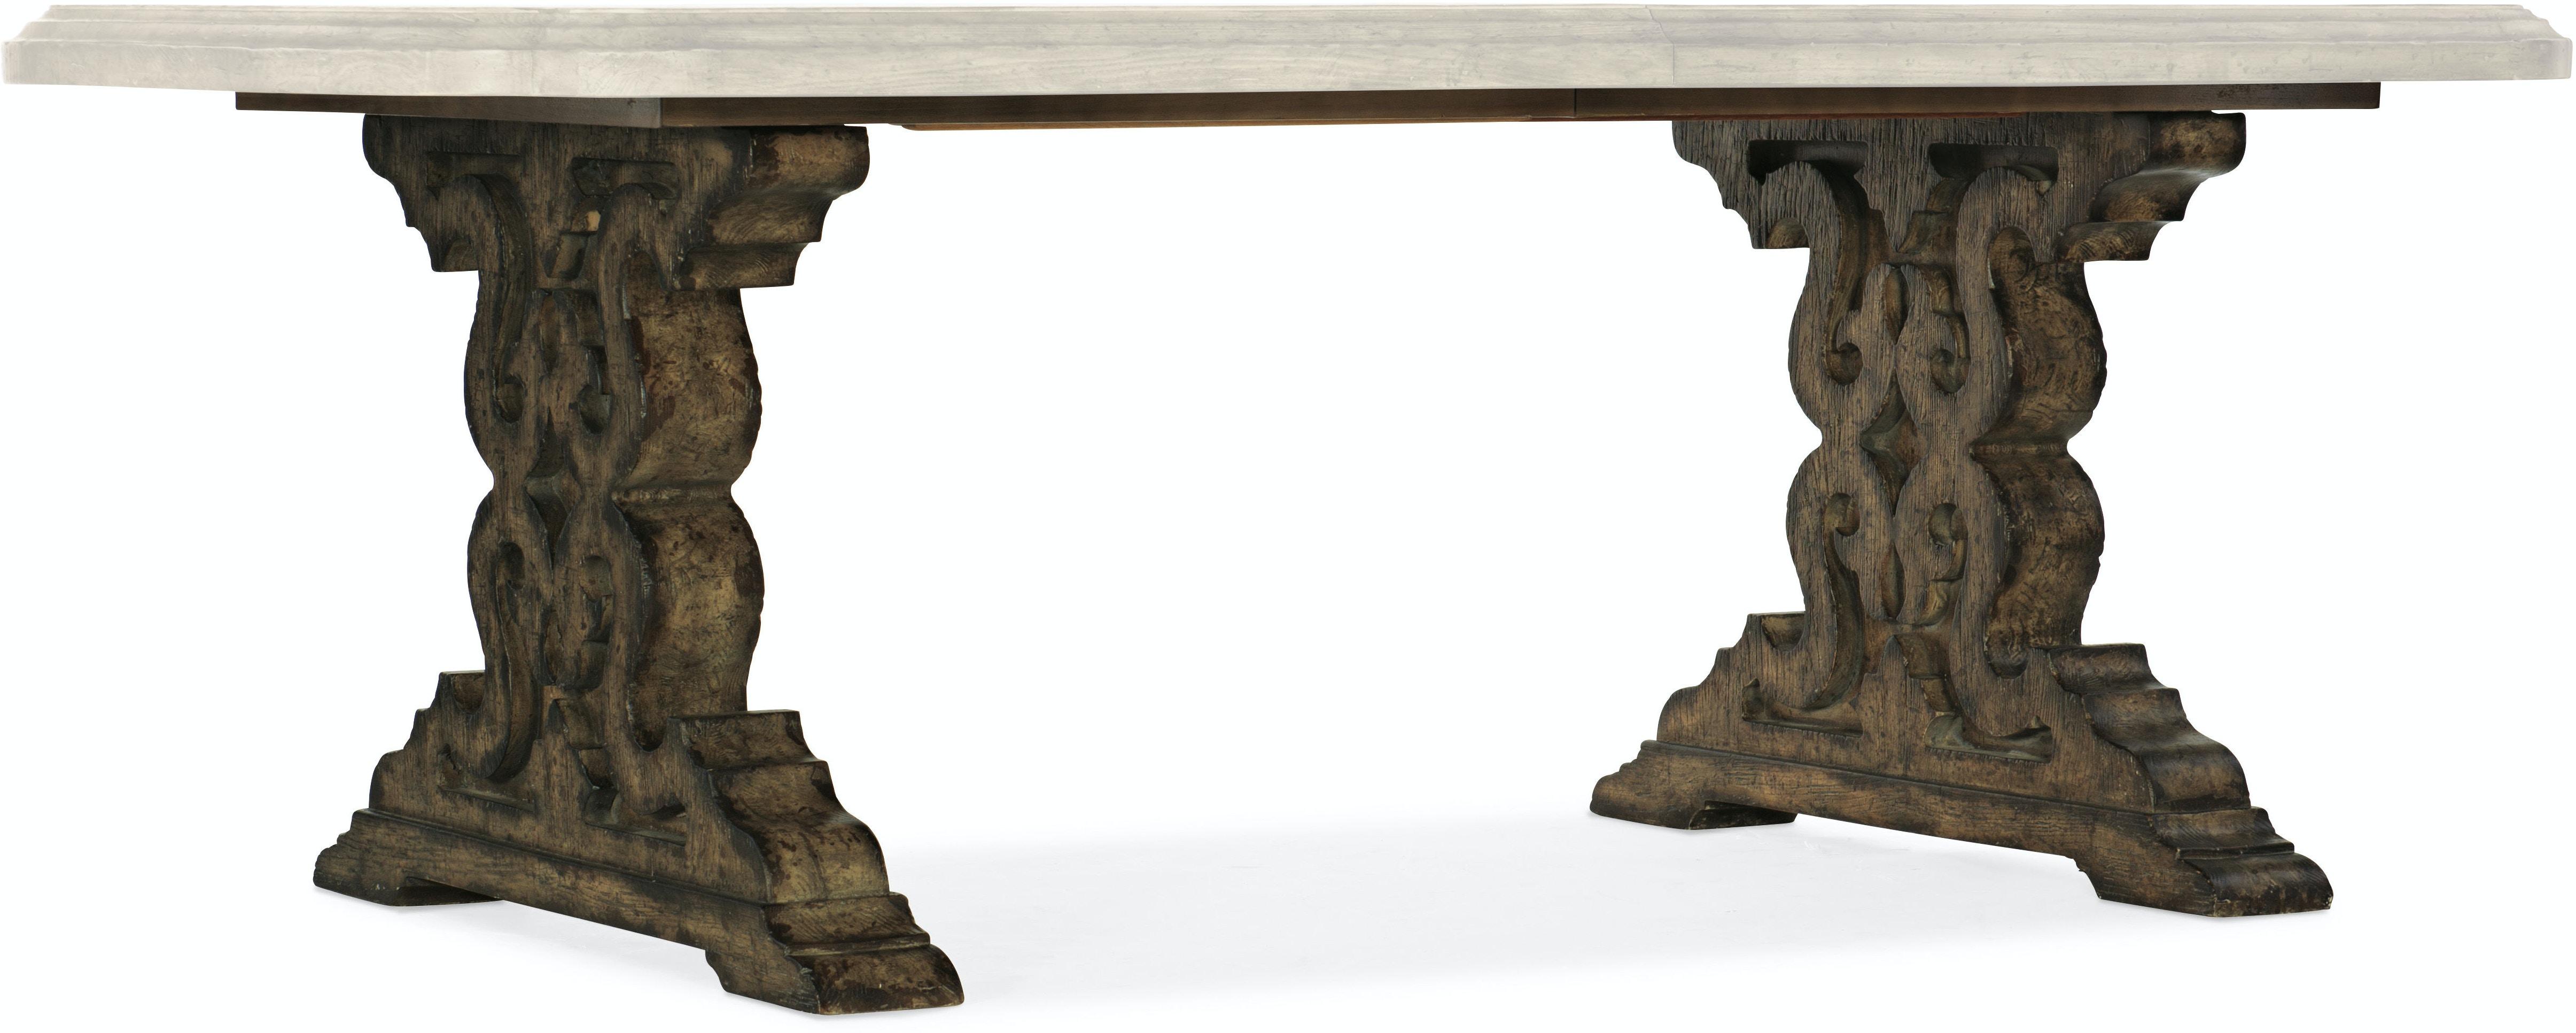 Furniture Dining Room La Grange Le Vieux Pedestal